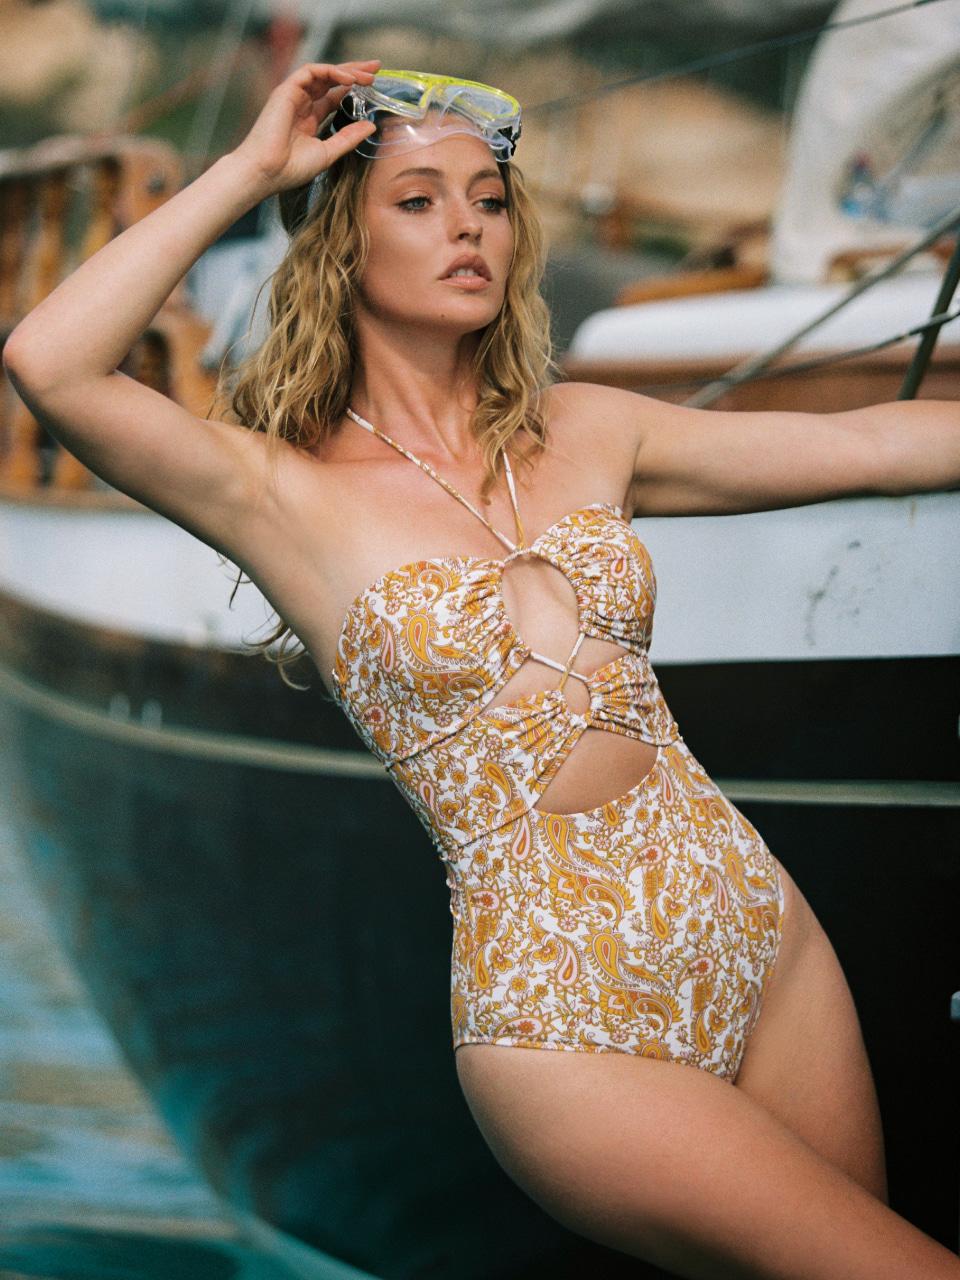 GOLDEN HALTER ONE-PIECEswimwear,수영복,비키니,데이즈데이즈,dazedayz,디자이너수영복,디자이너스위웨어,디자이너수영복,리조트웨어,